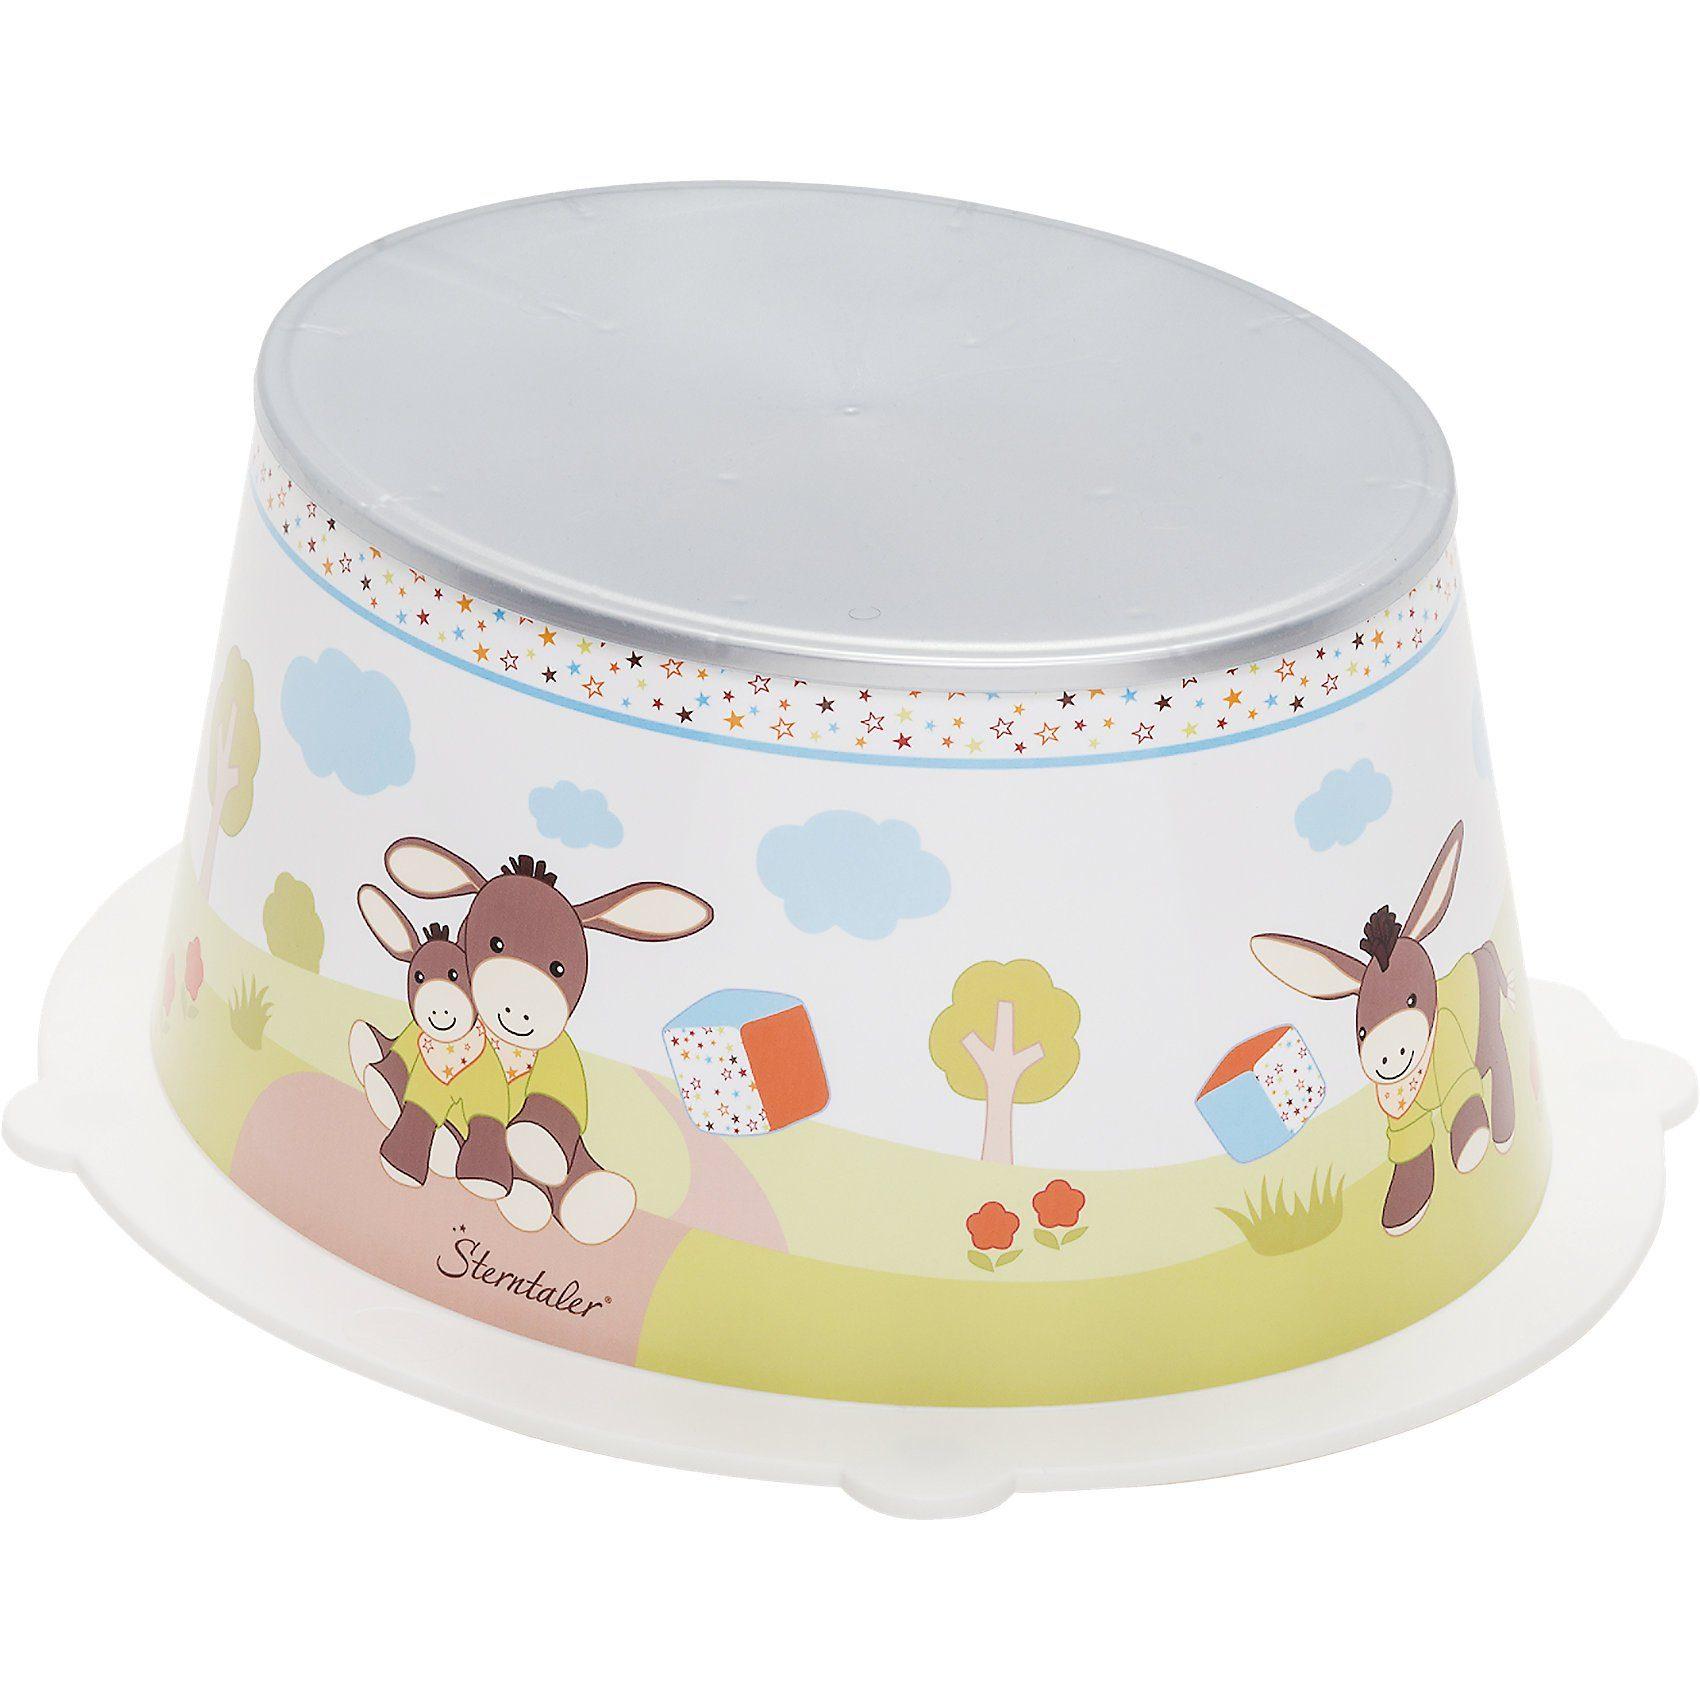 Rotho Babydesign Trittschemel Style, Sterntaler Emmy, weiß